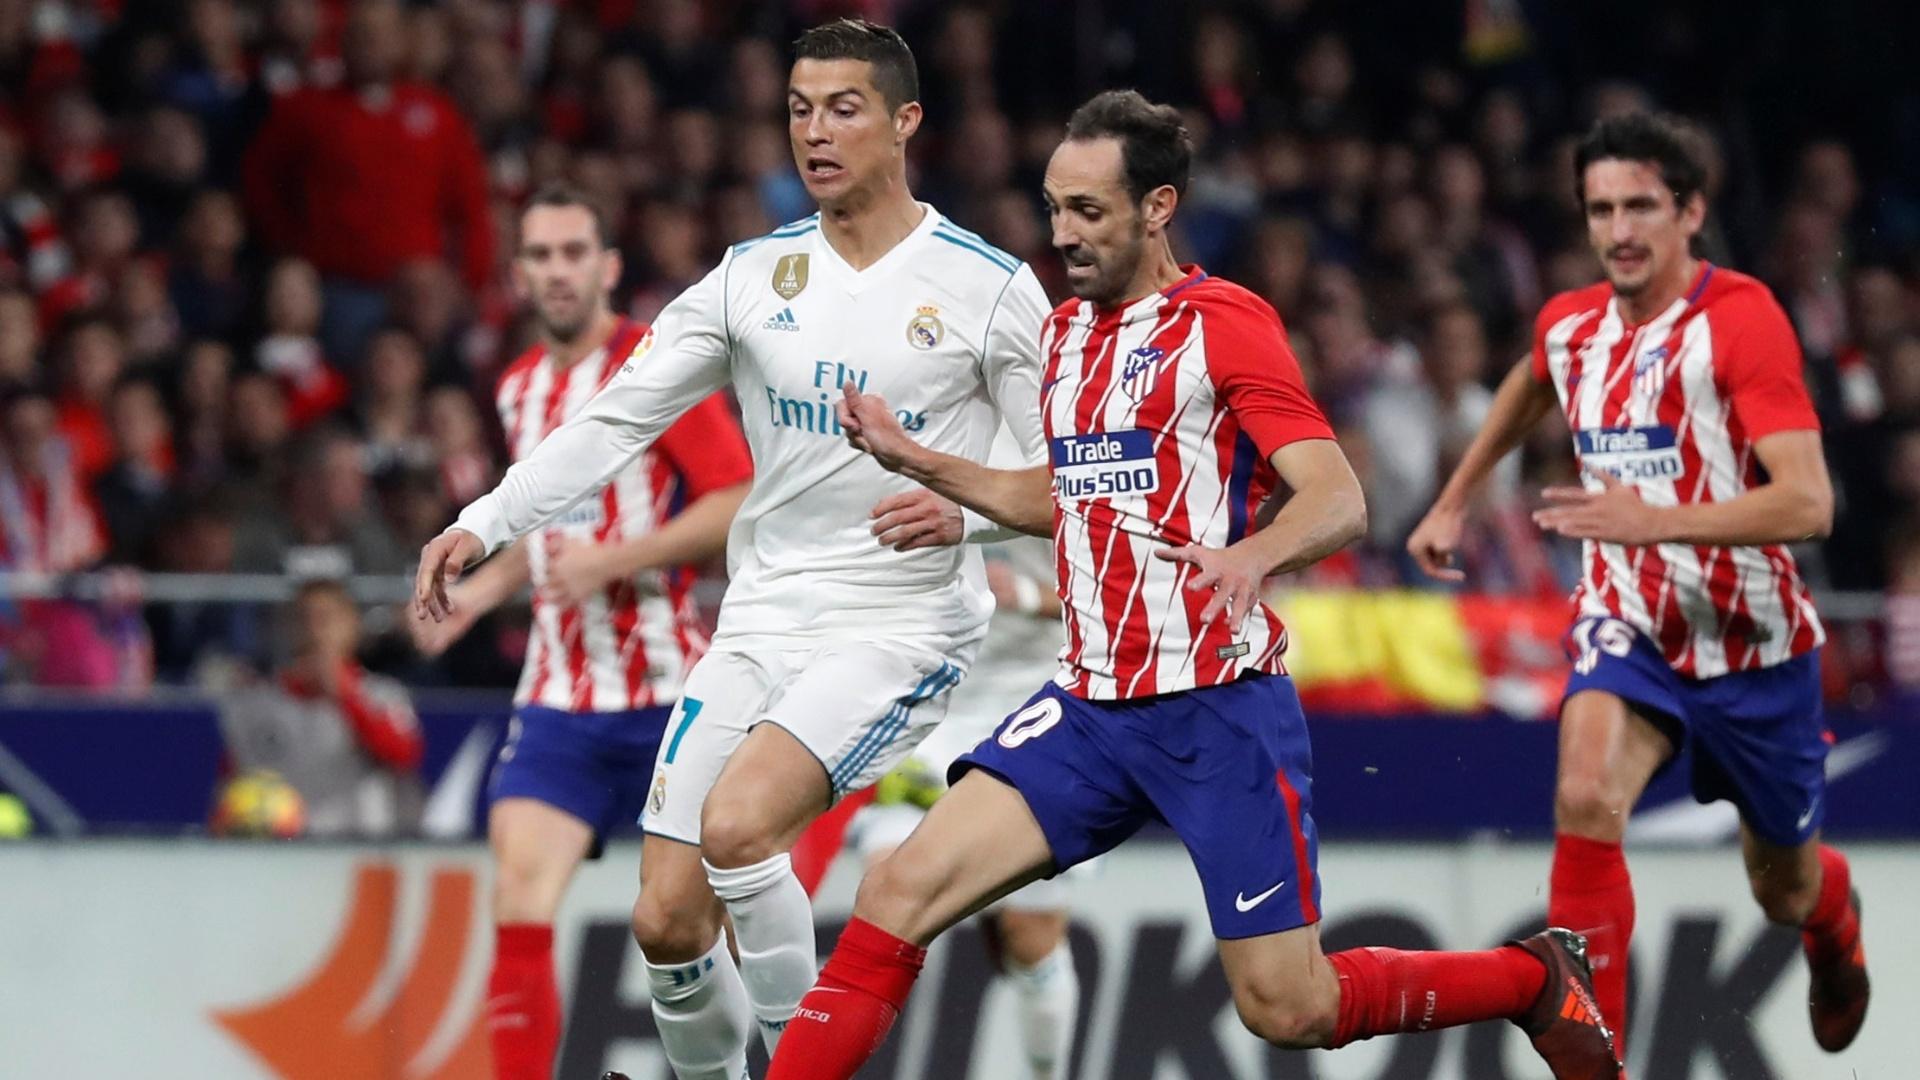 Cristiano Ronaldo tenta ficar com a bola na disputa durante a partida do Real contra o Atlético de Madri